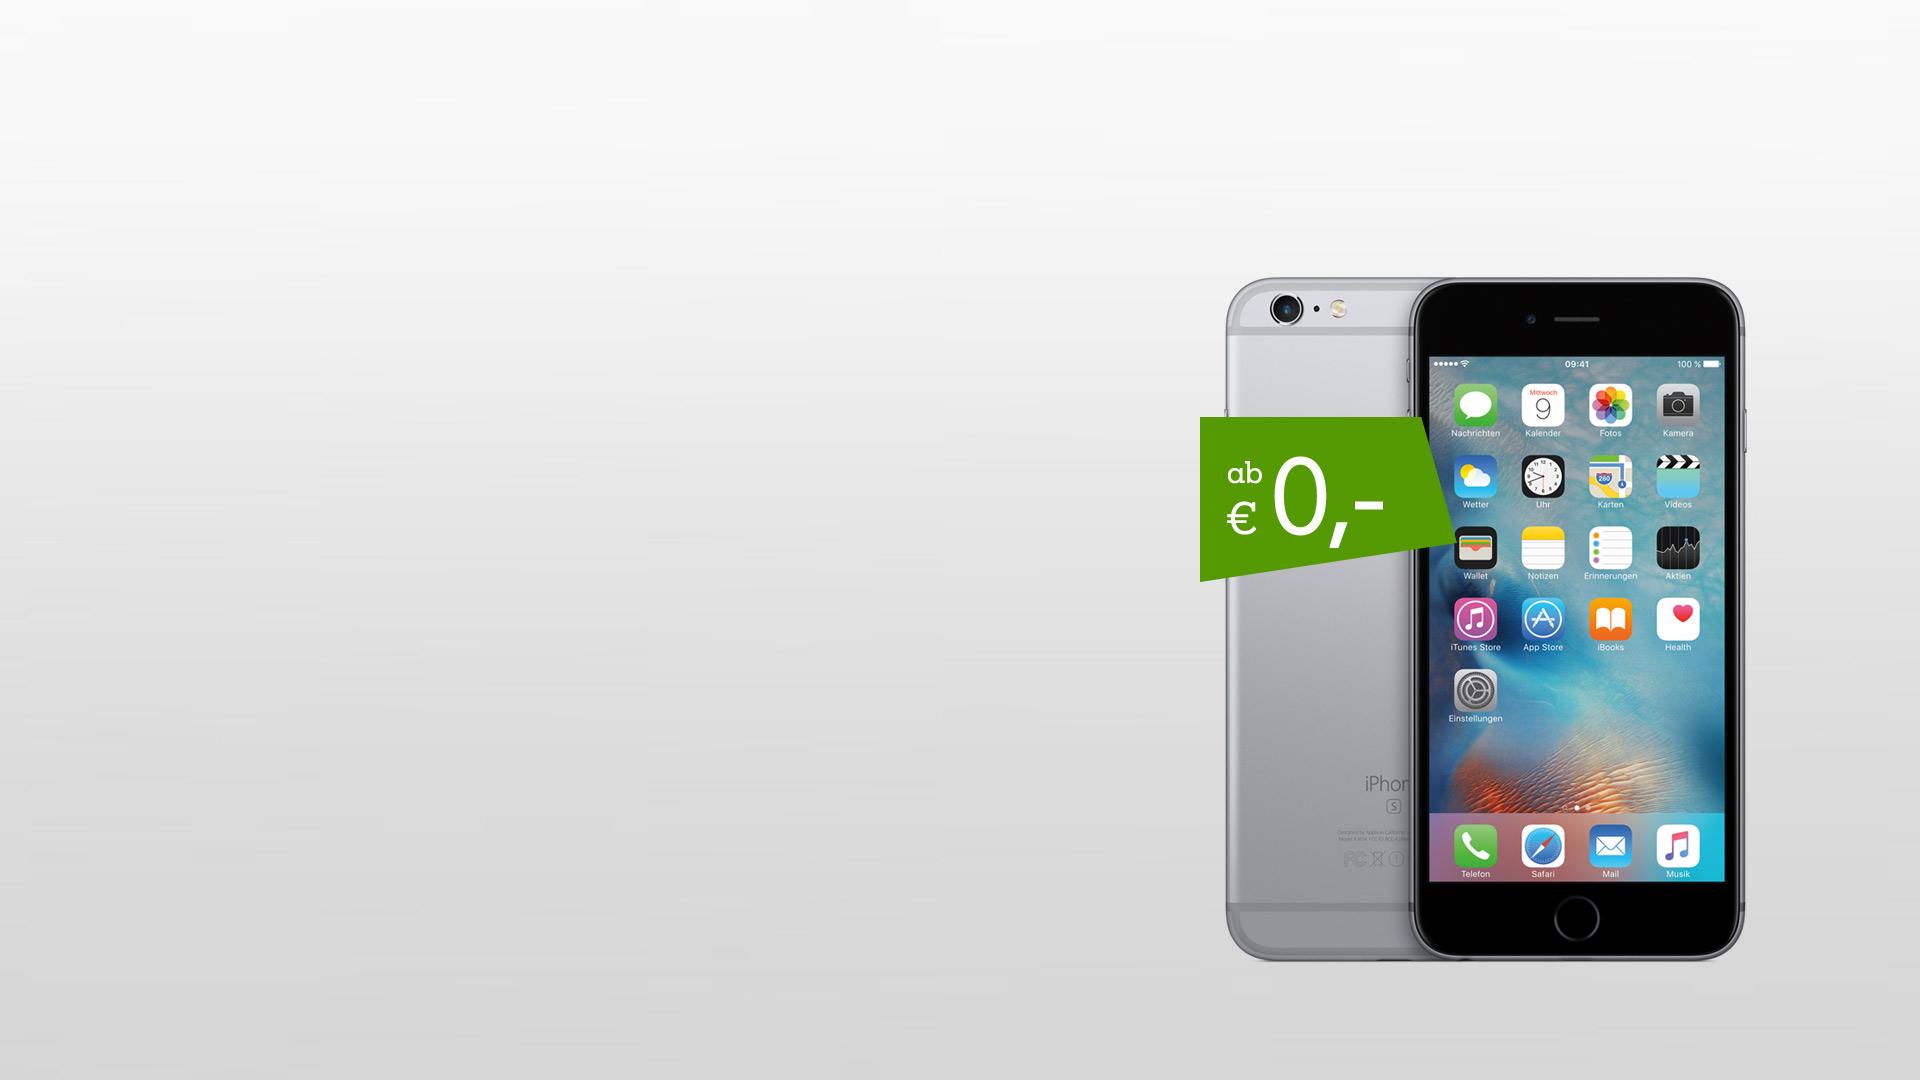 iPhone 6s Vorder- & Rückseite mit Störer ab € 0,-